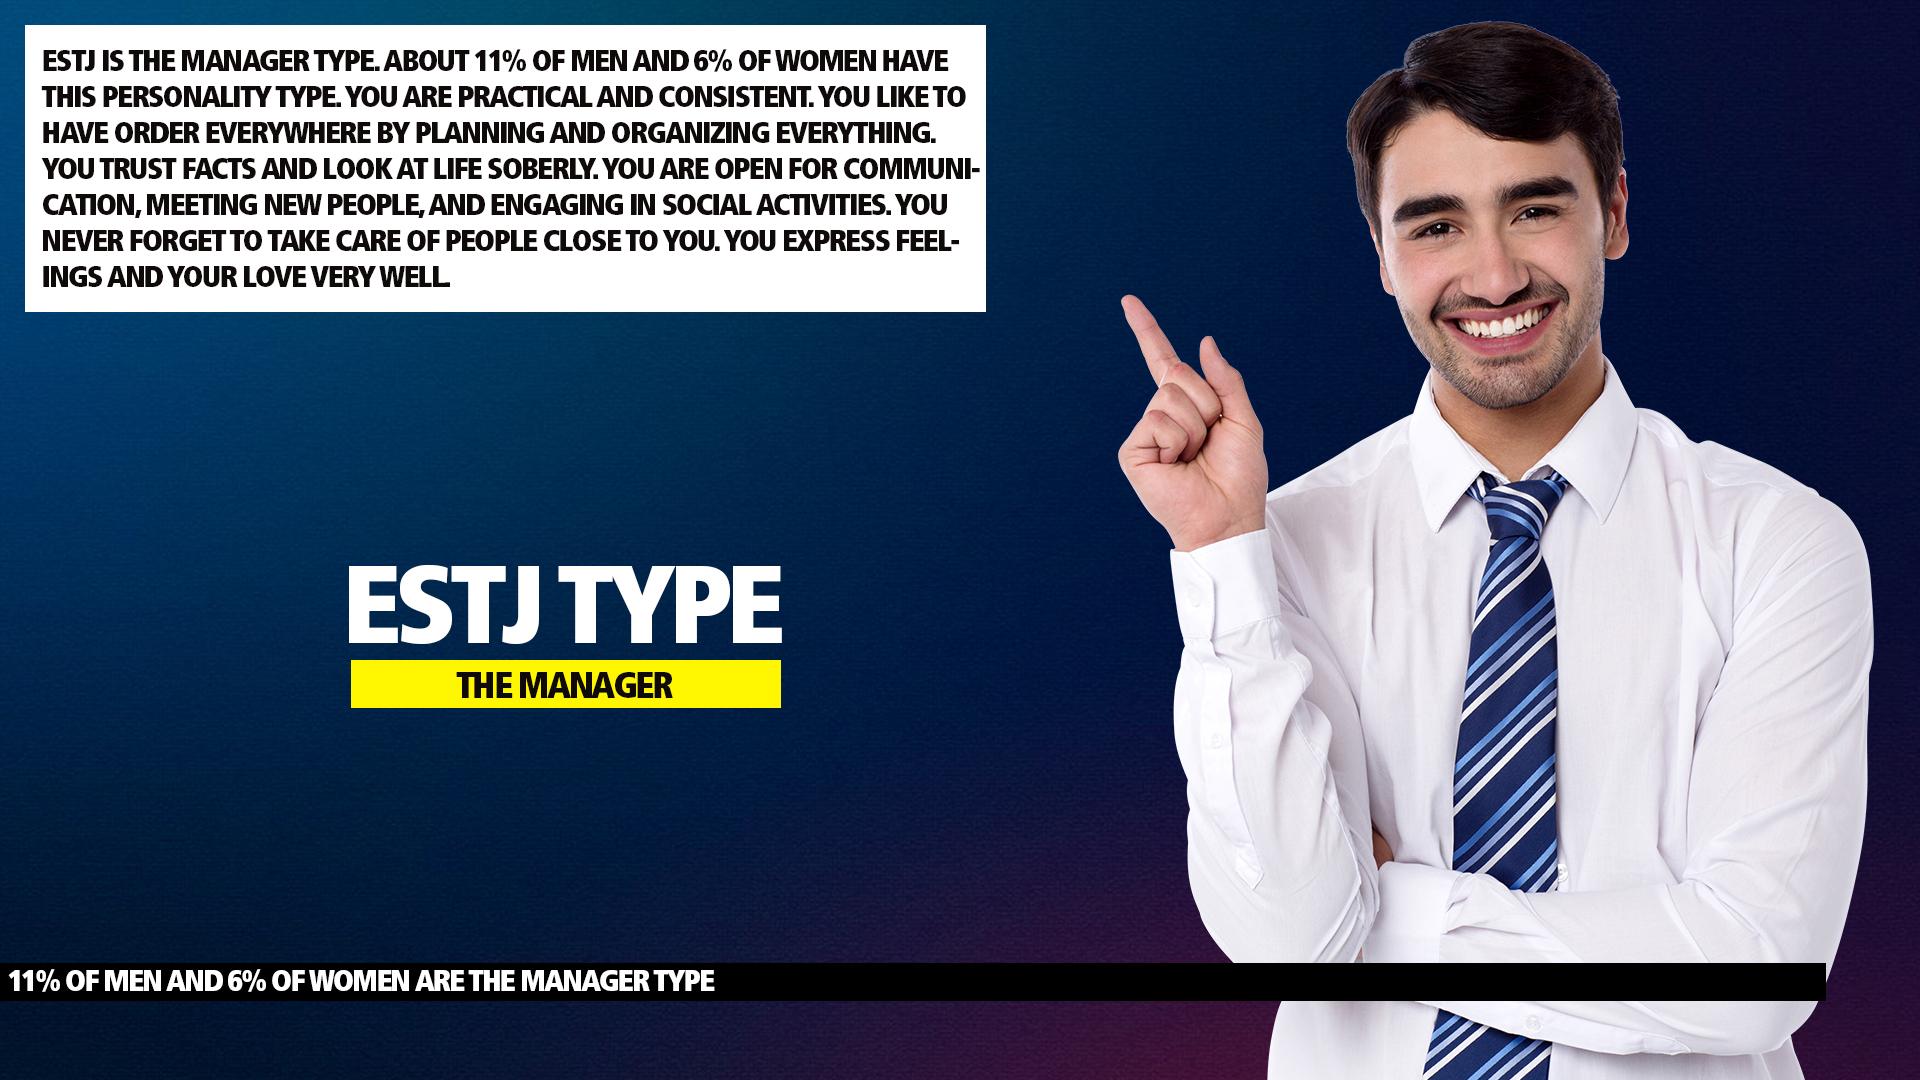 MBTI ESTJ Manager Type